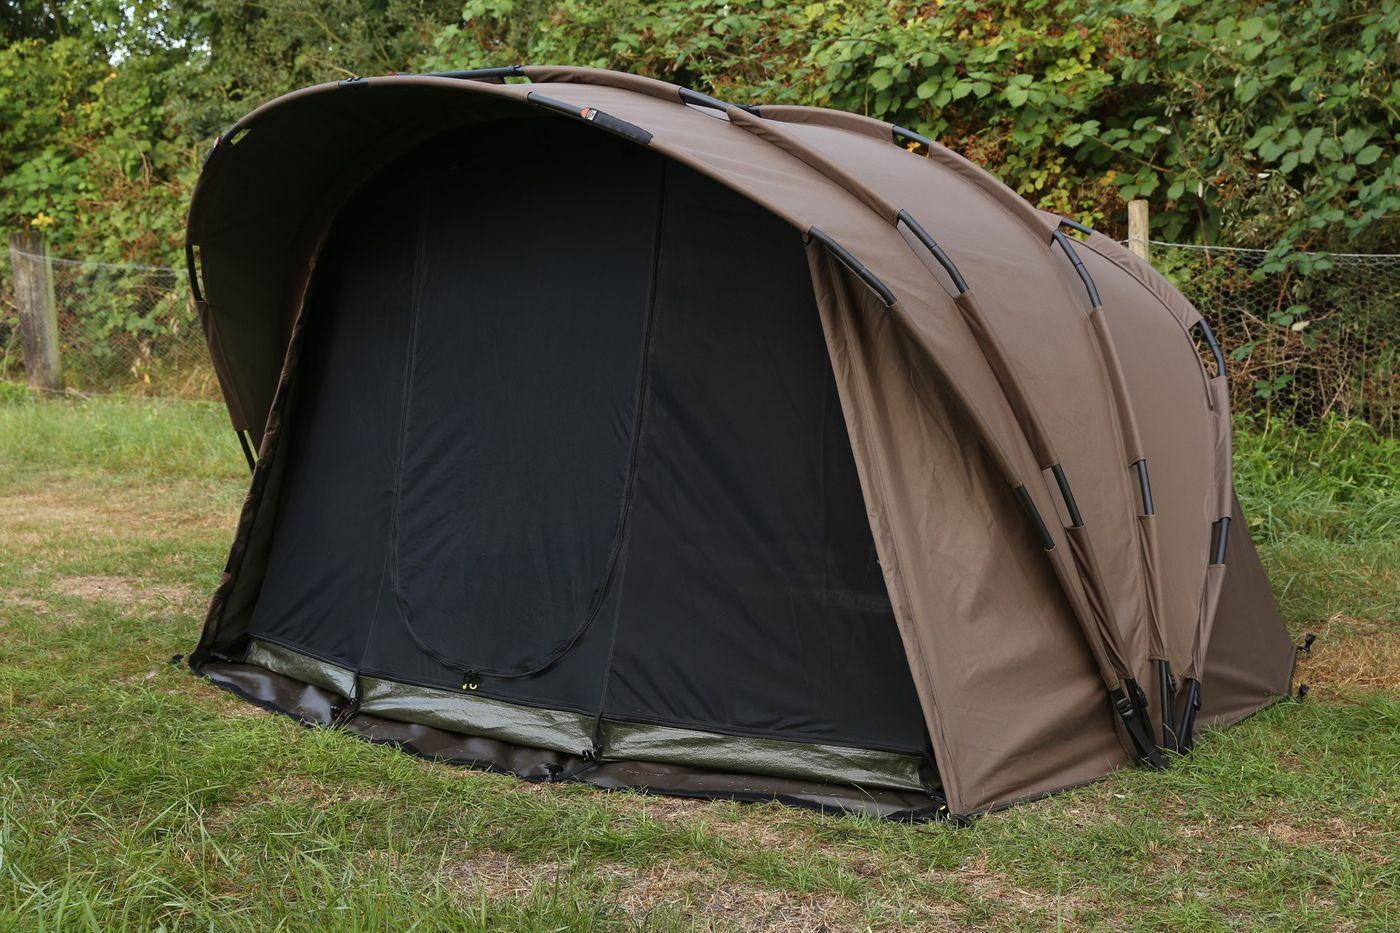 Innenzelt Zelt für Angler Karpfenzelt Fox Retreat+ Ripstop 1-man Angelzelt